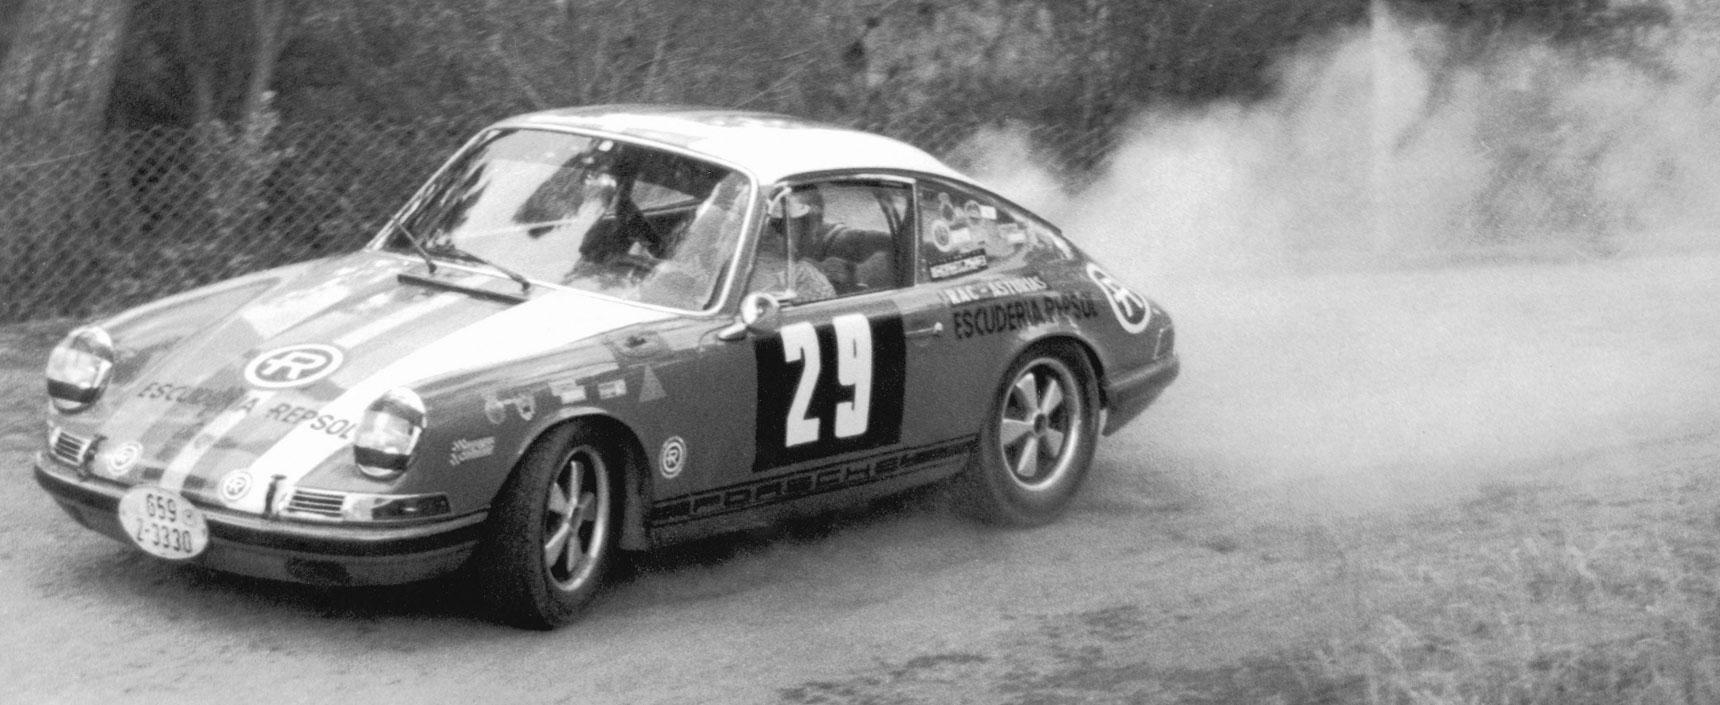 Imagen de un Porsche en blanco y negro